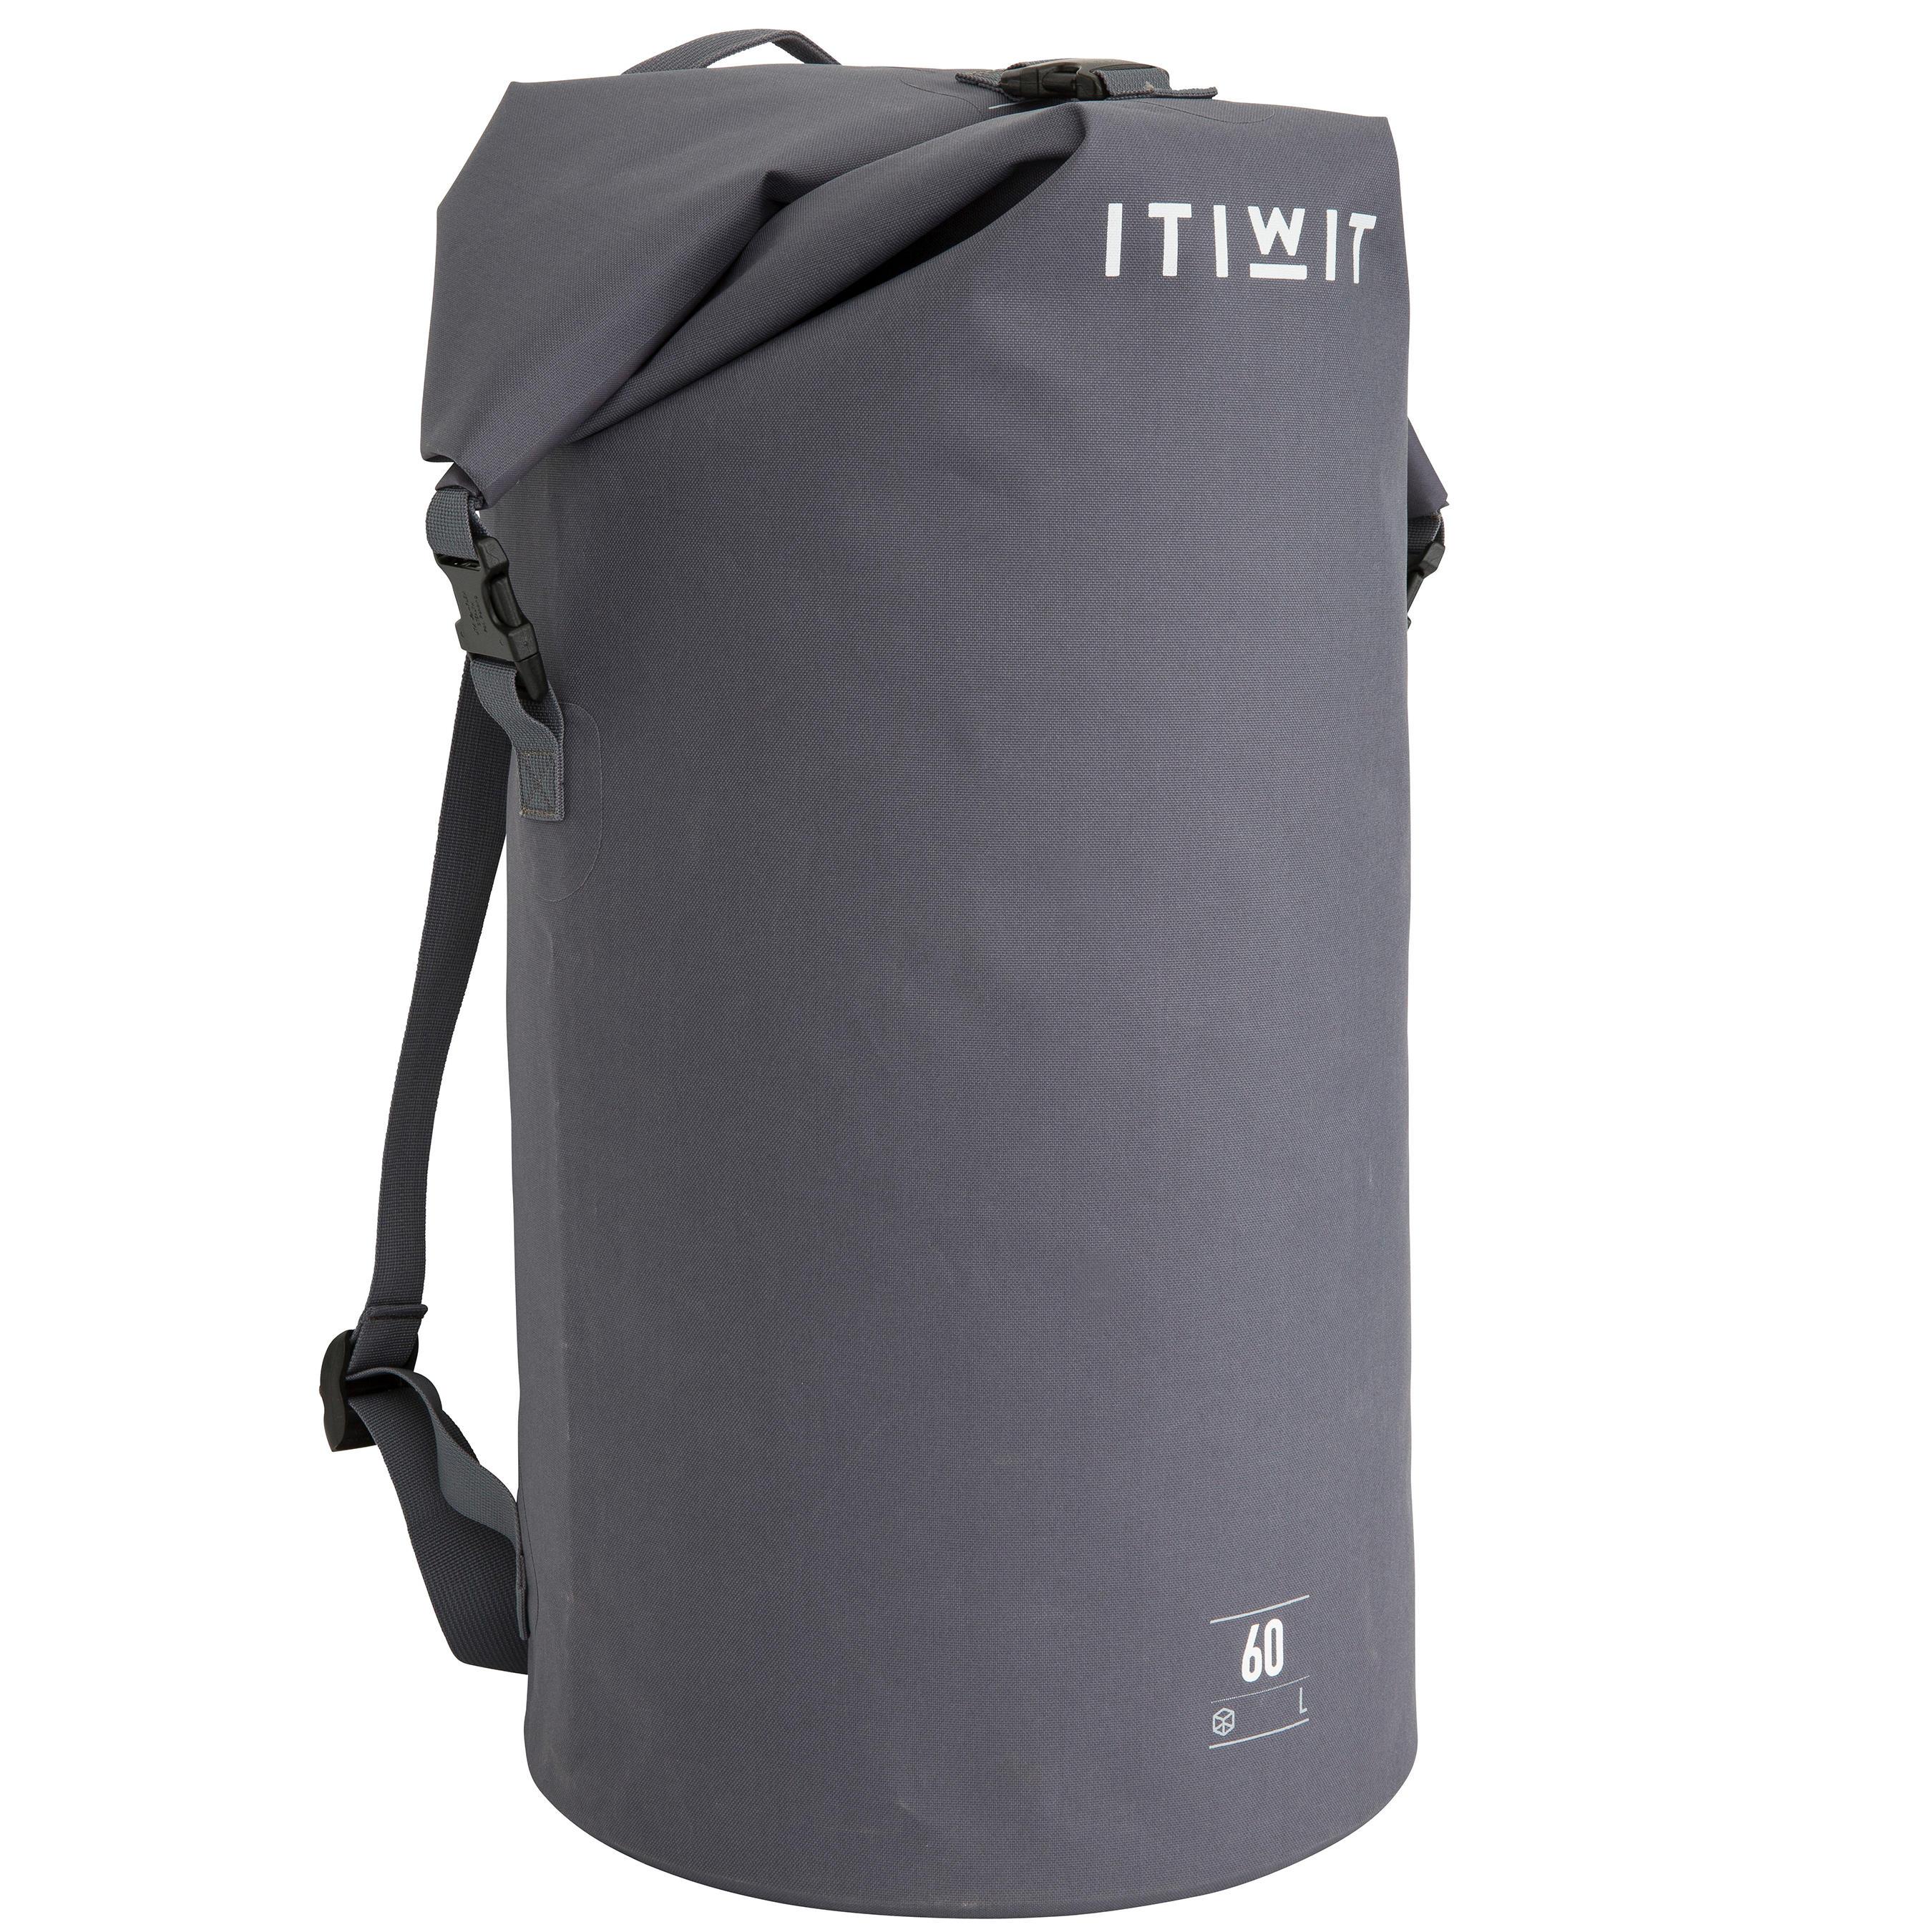 60L Watertight Duffel Bag - Grey